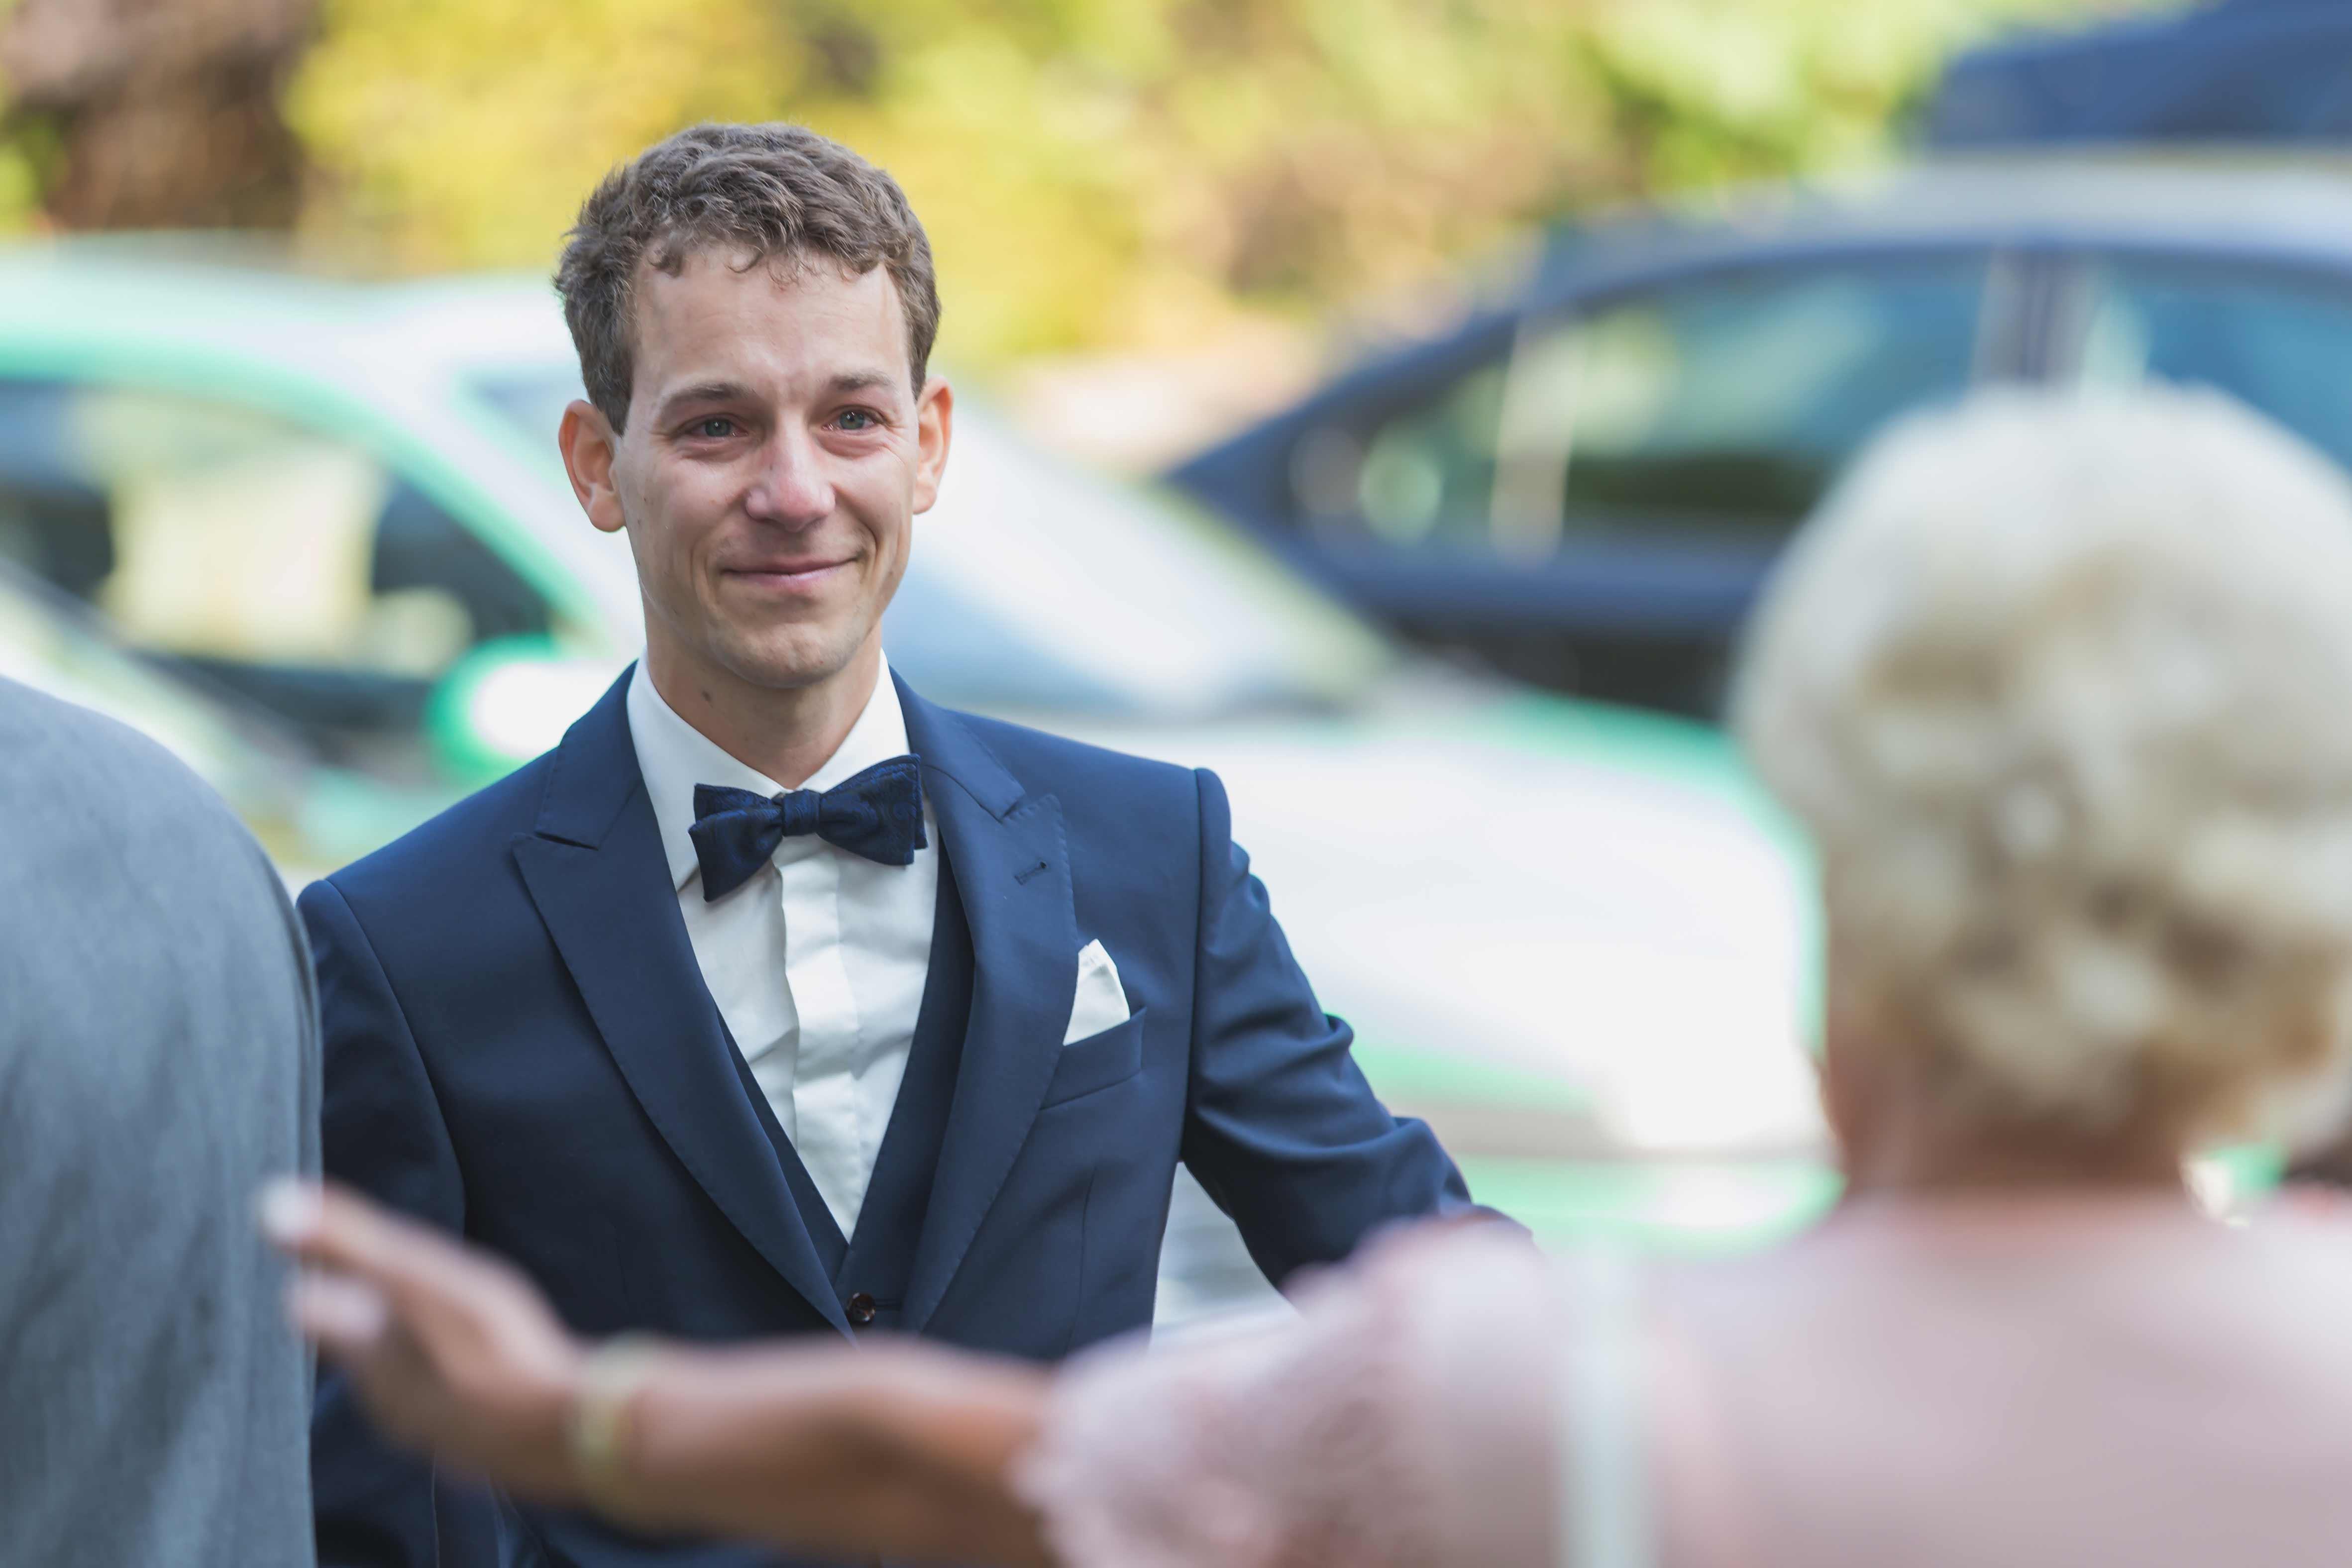 Hochzeit - Bräutigam Freudentränen und Emotionen